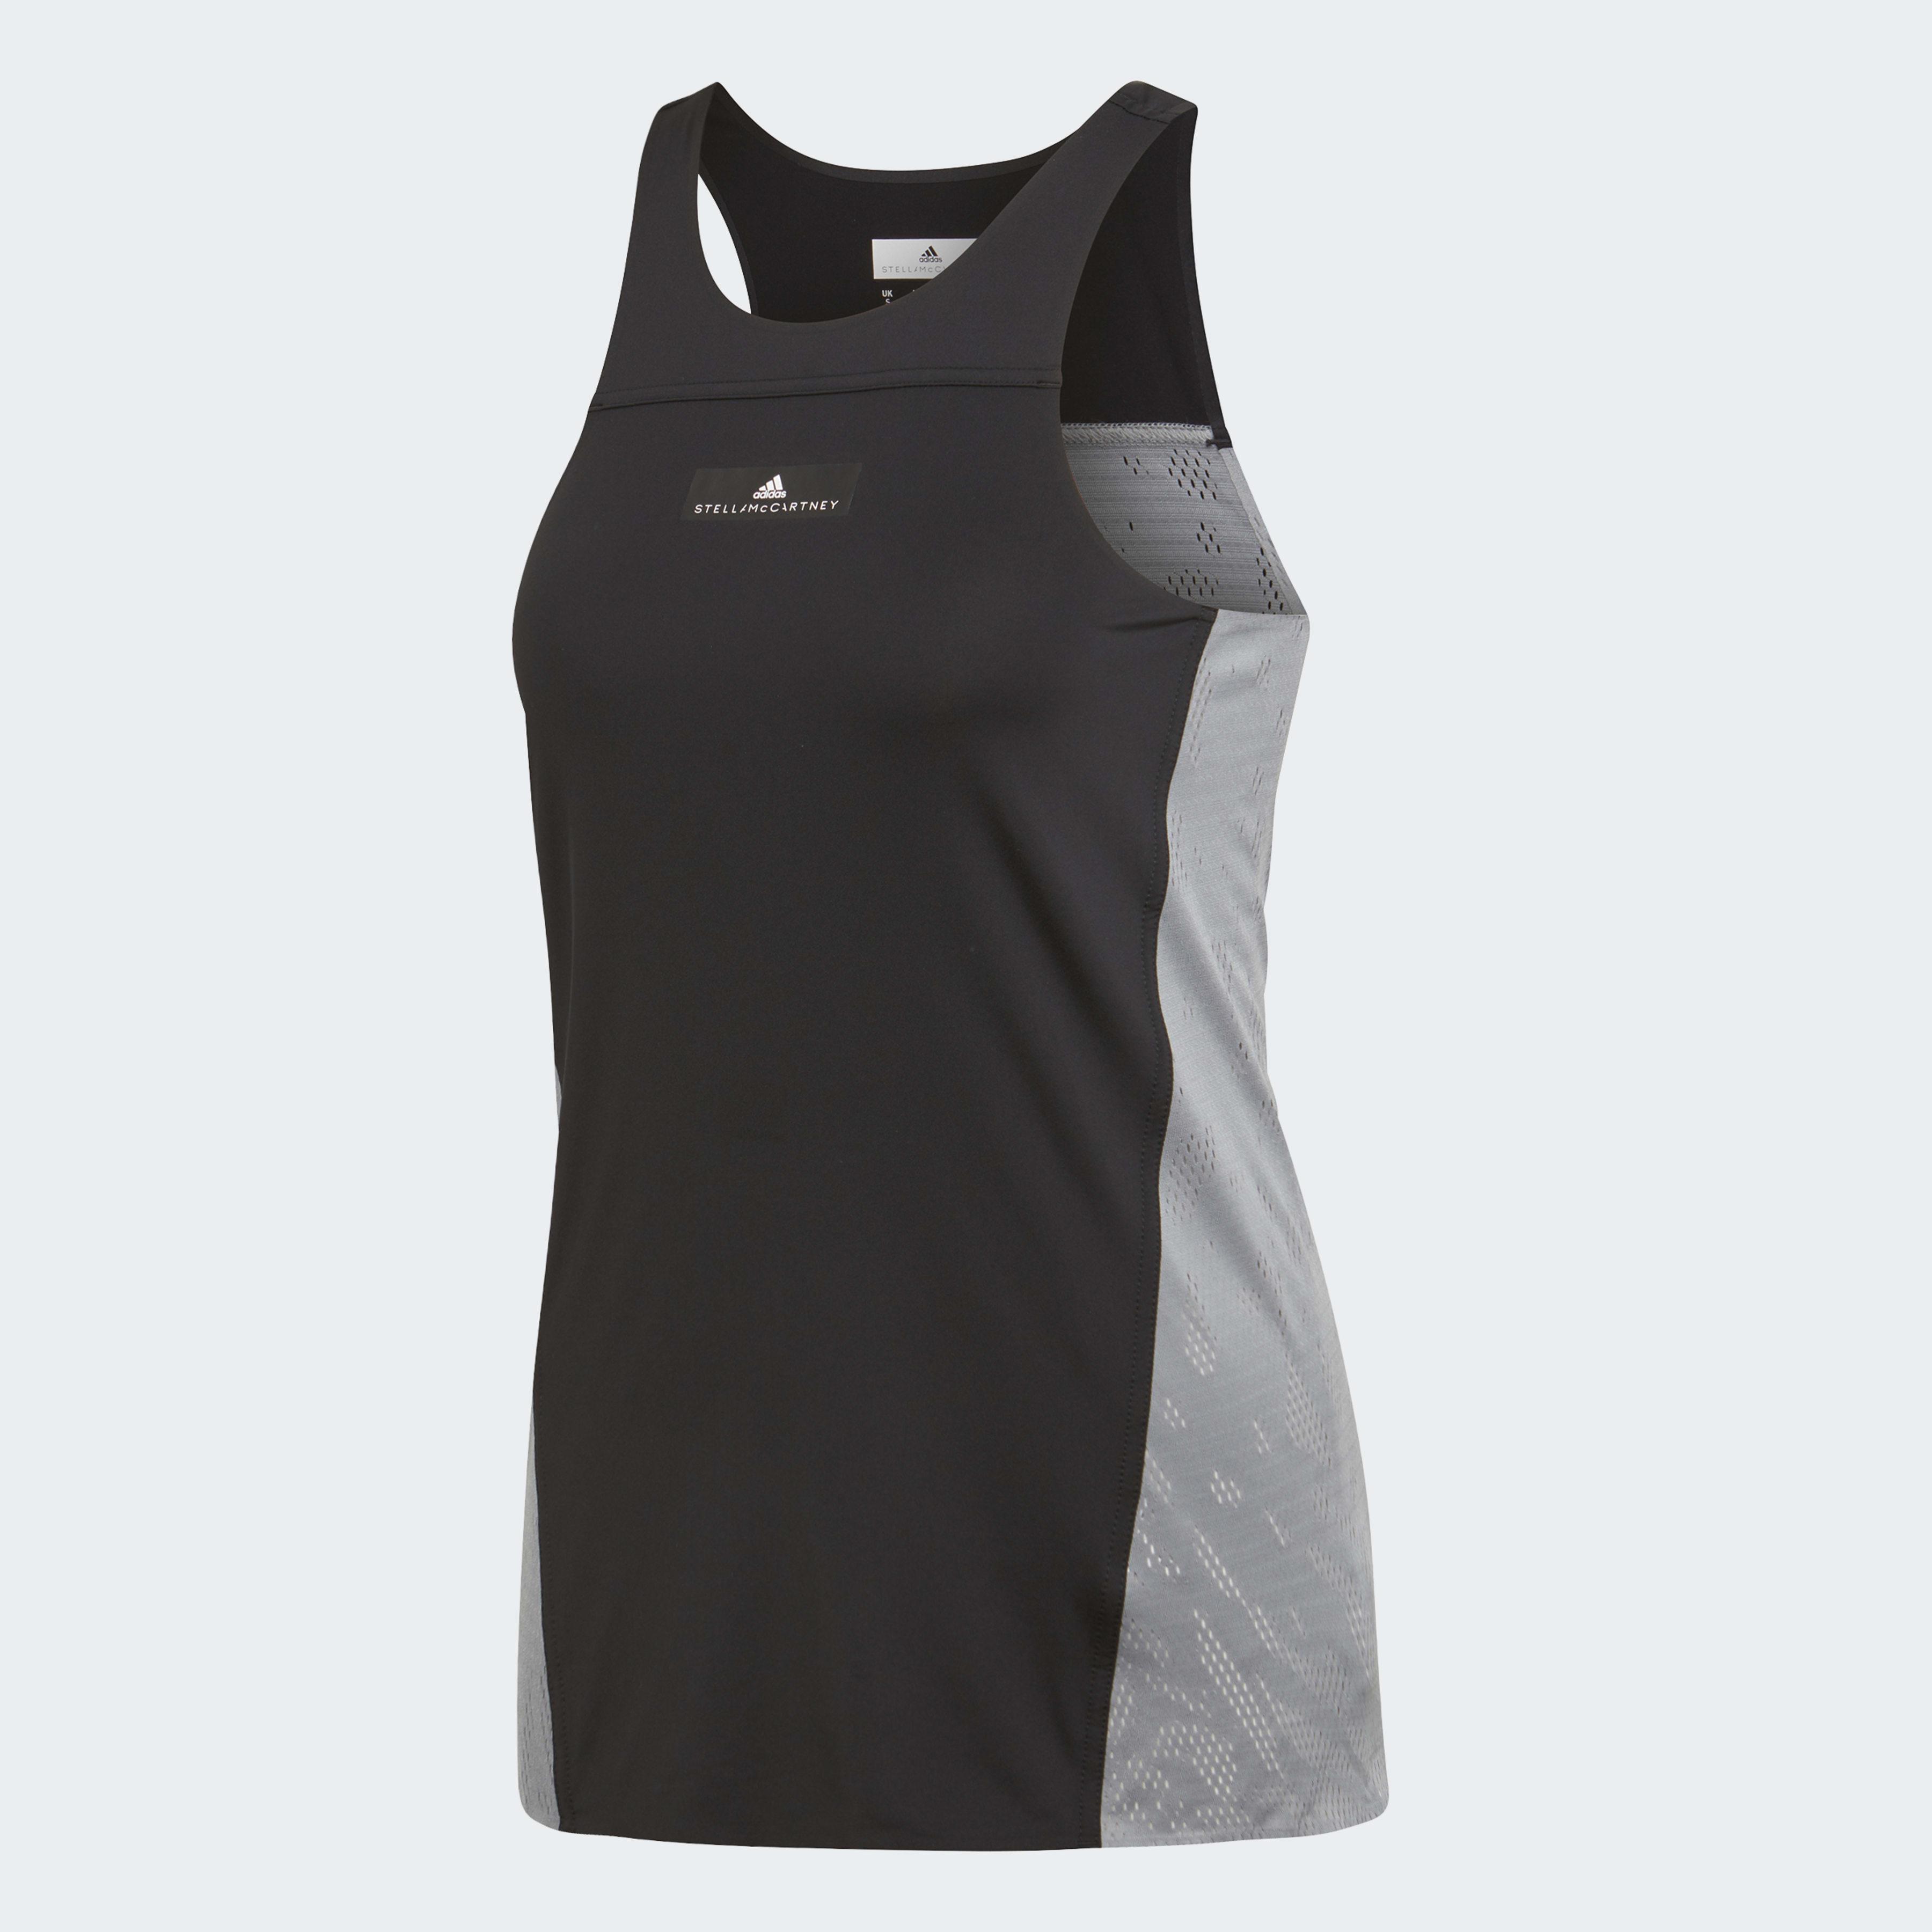 Débardeur Run Synthétique adidas en coloris Noir